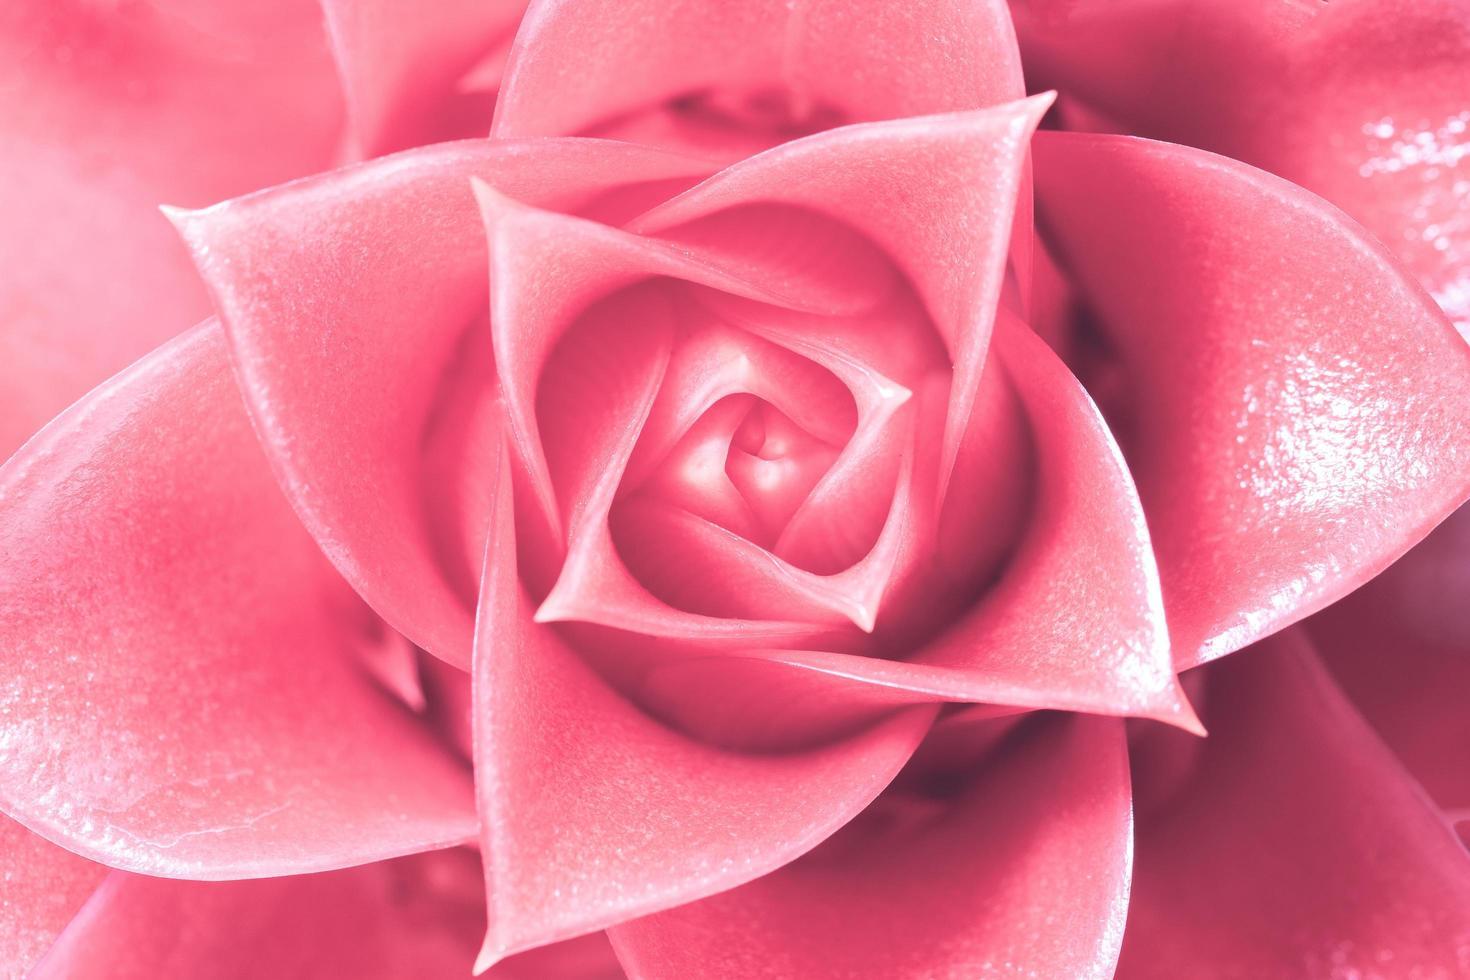 fond de fleur rose clair photo